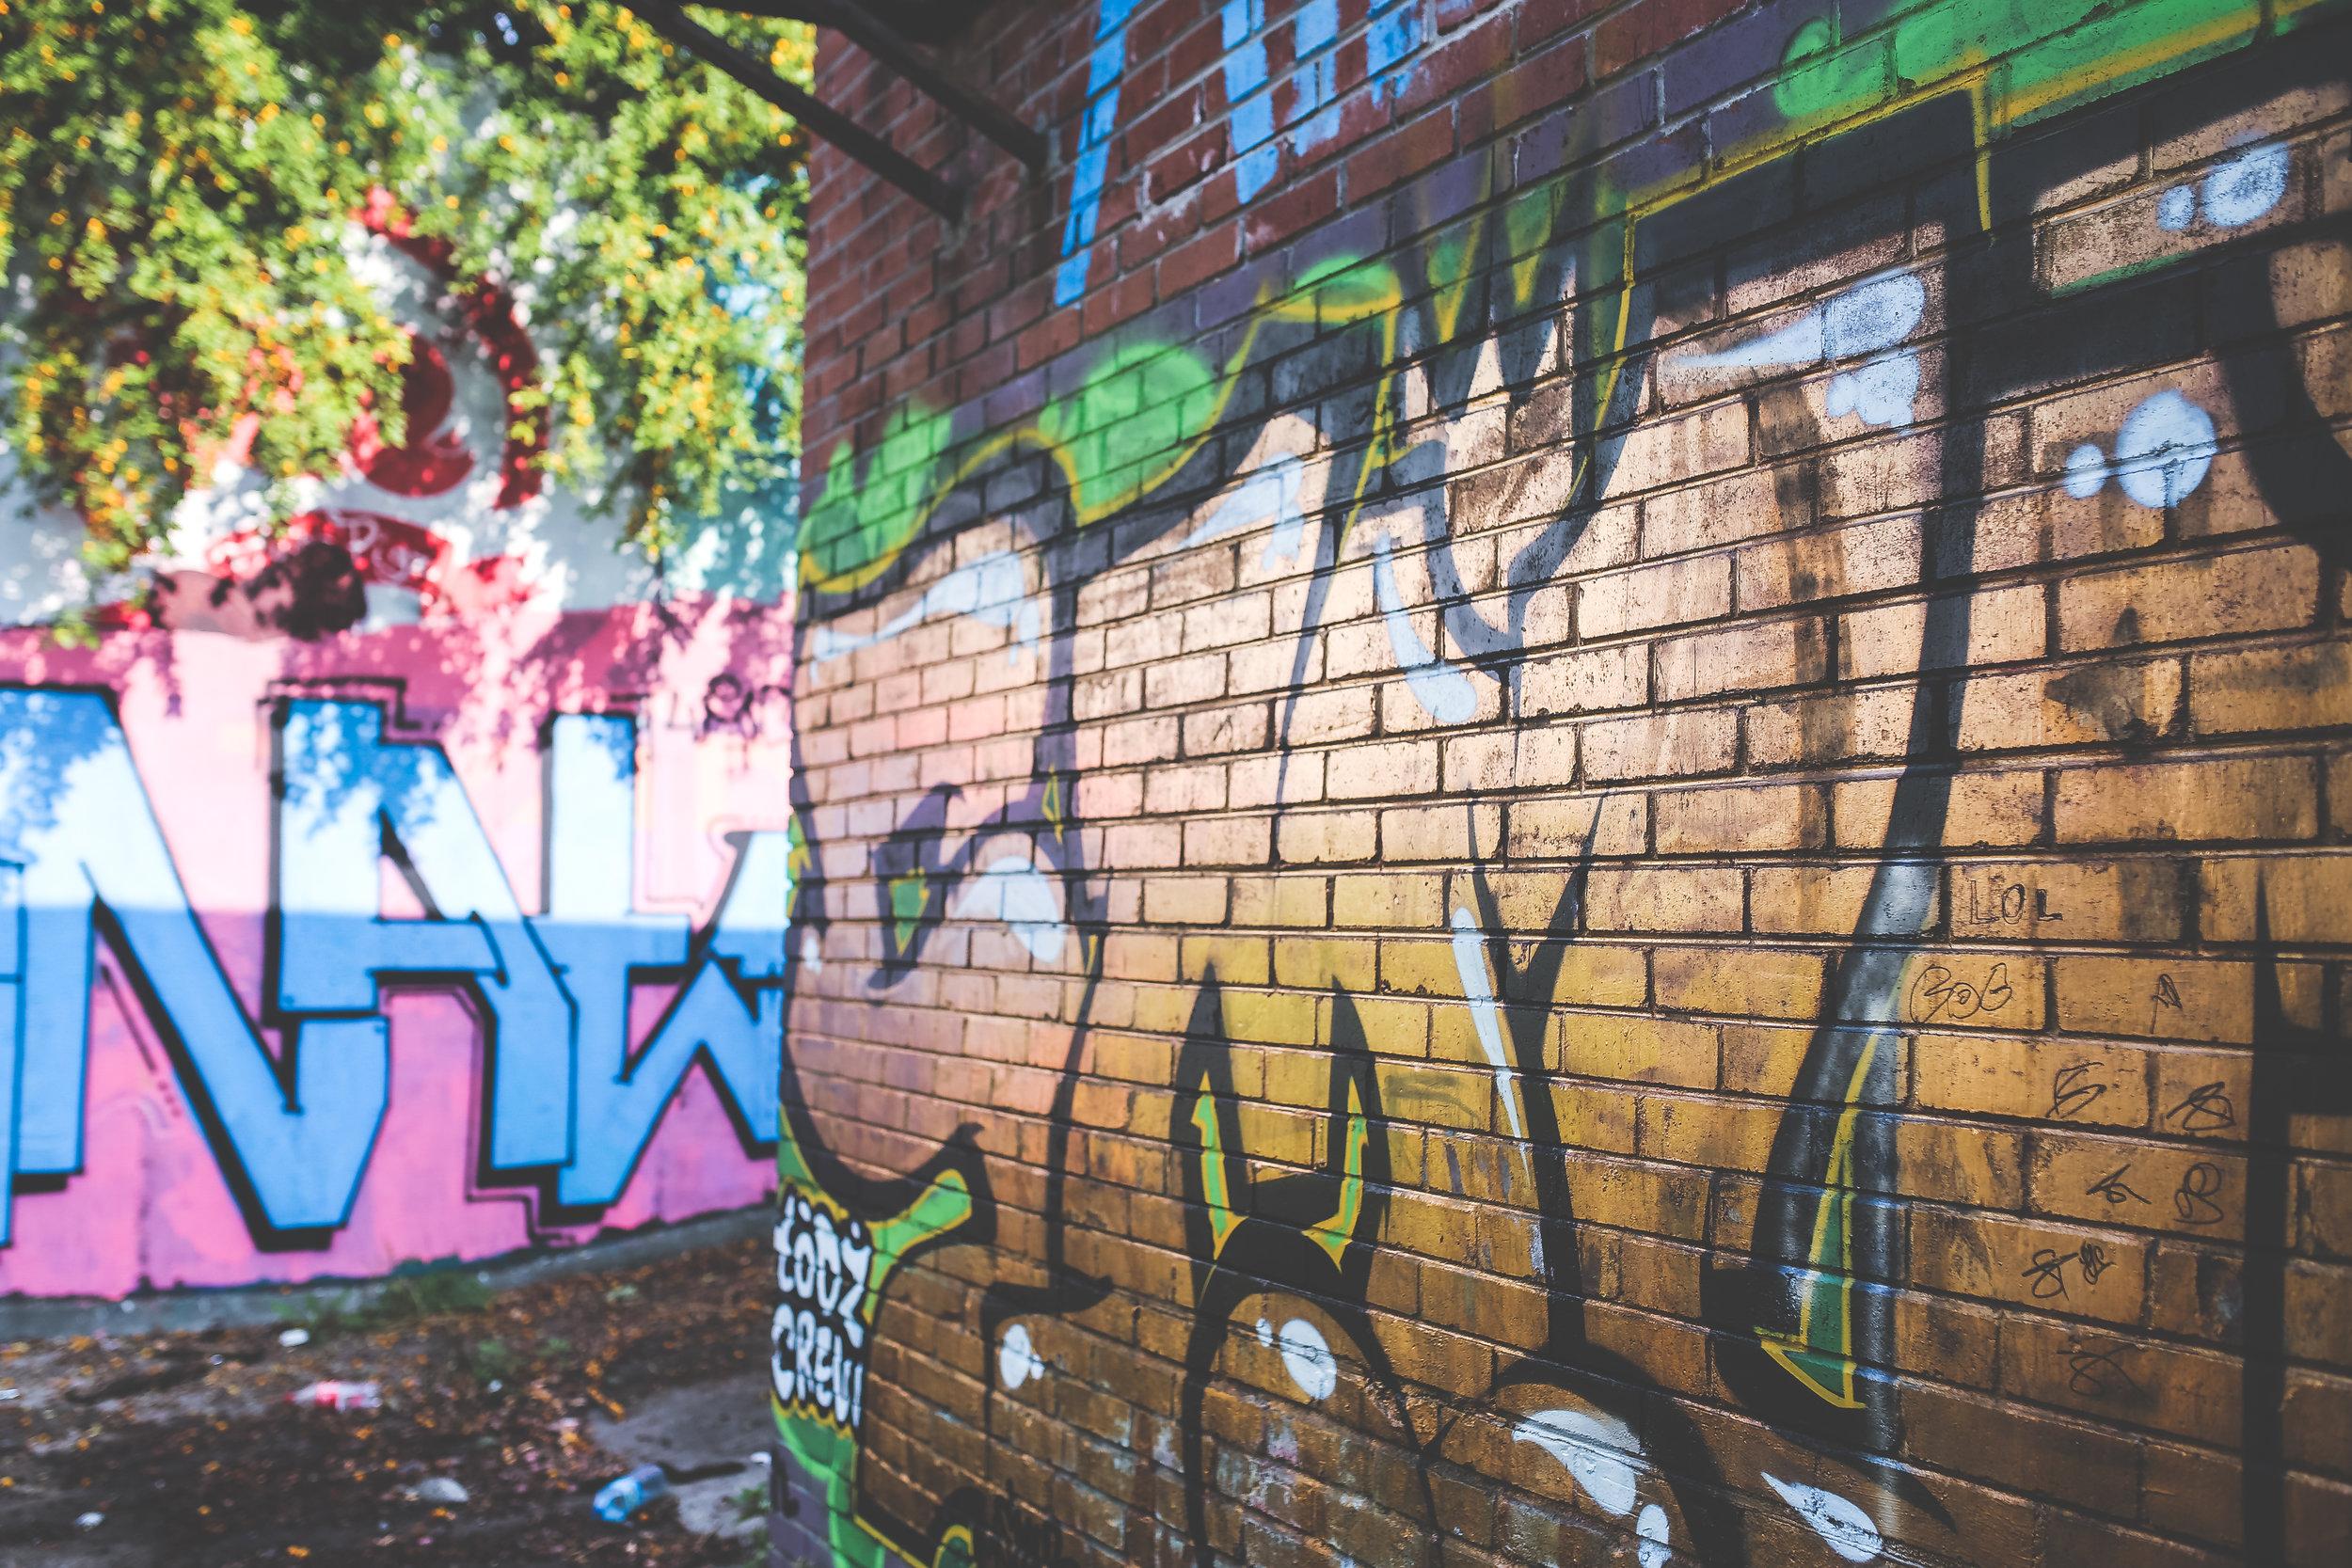 street-graffiti-bricks-wall.jpg